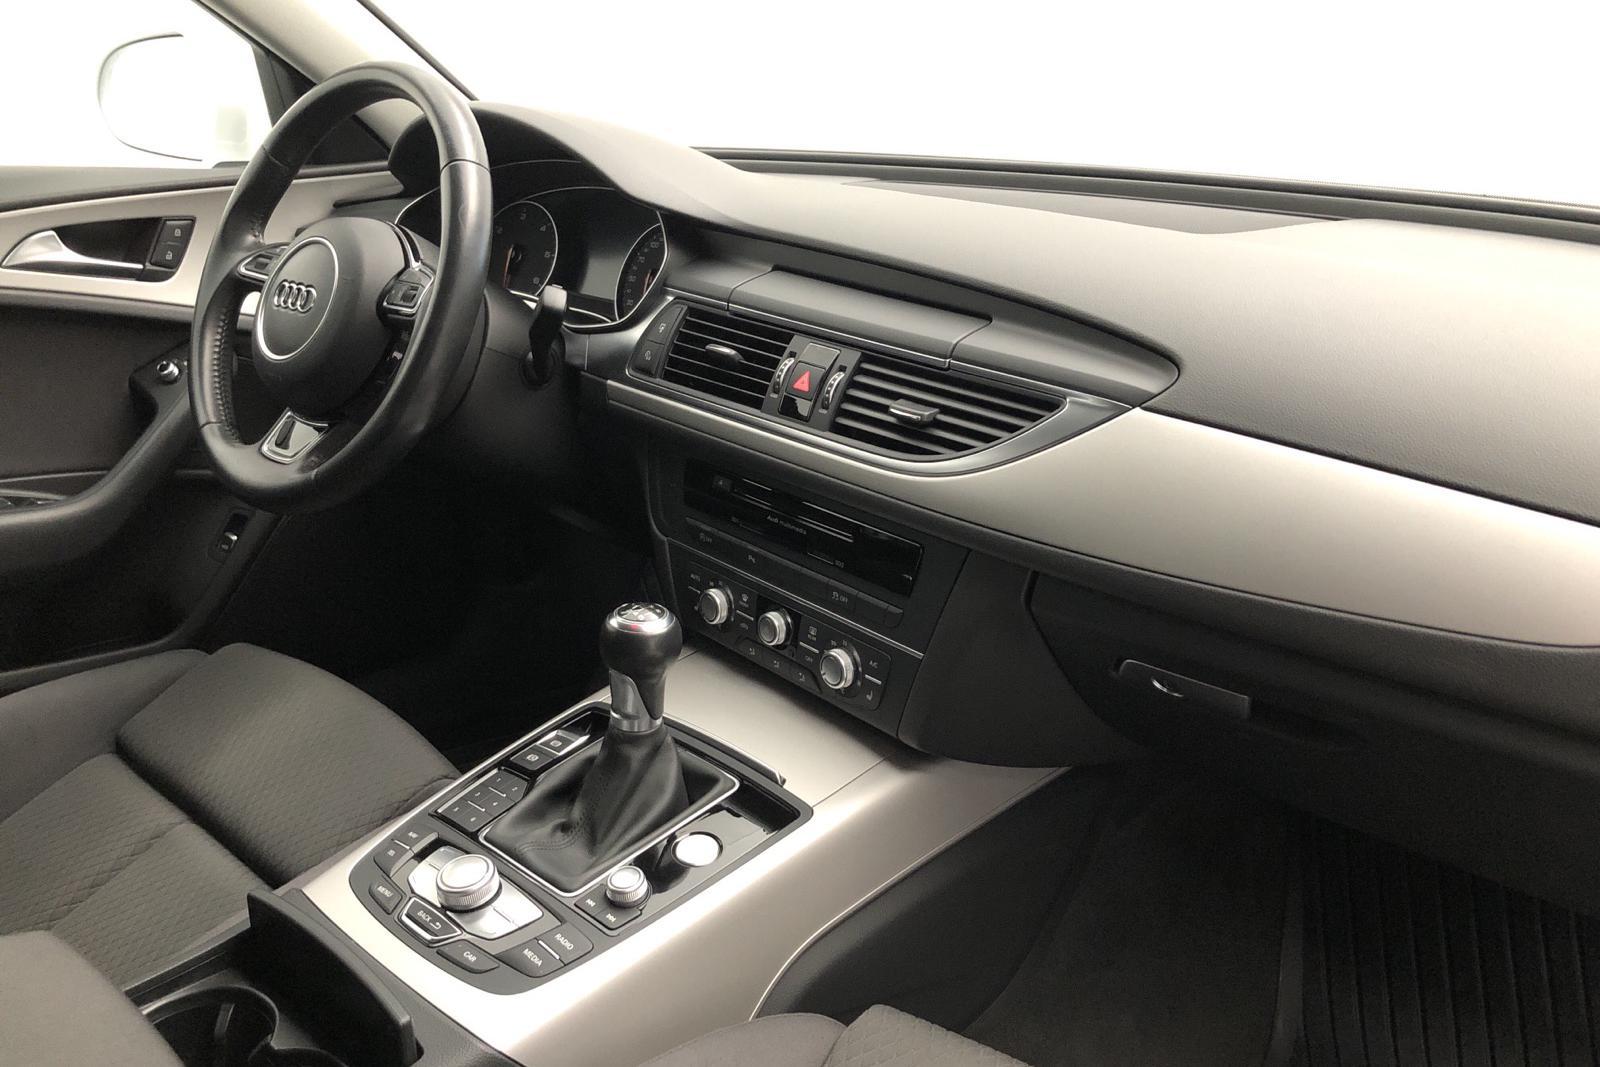 Audi A6 2.0 TDI Avant (190hk) - 8 400 mil - Manuell - vit - 2016